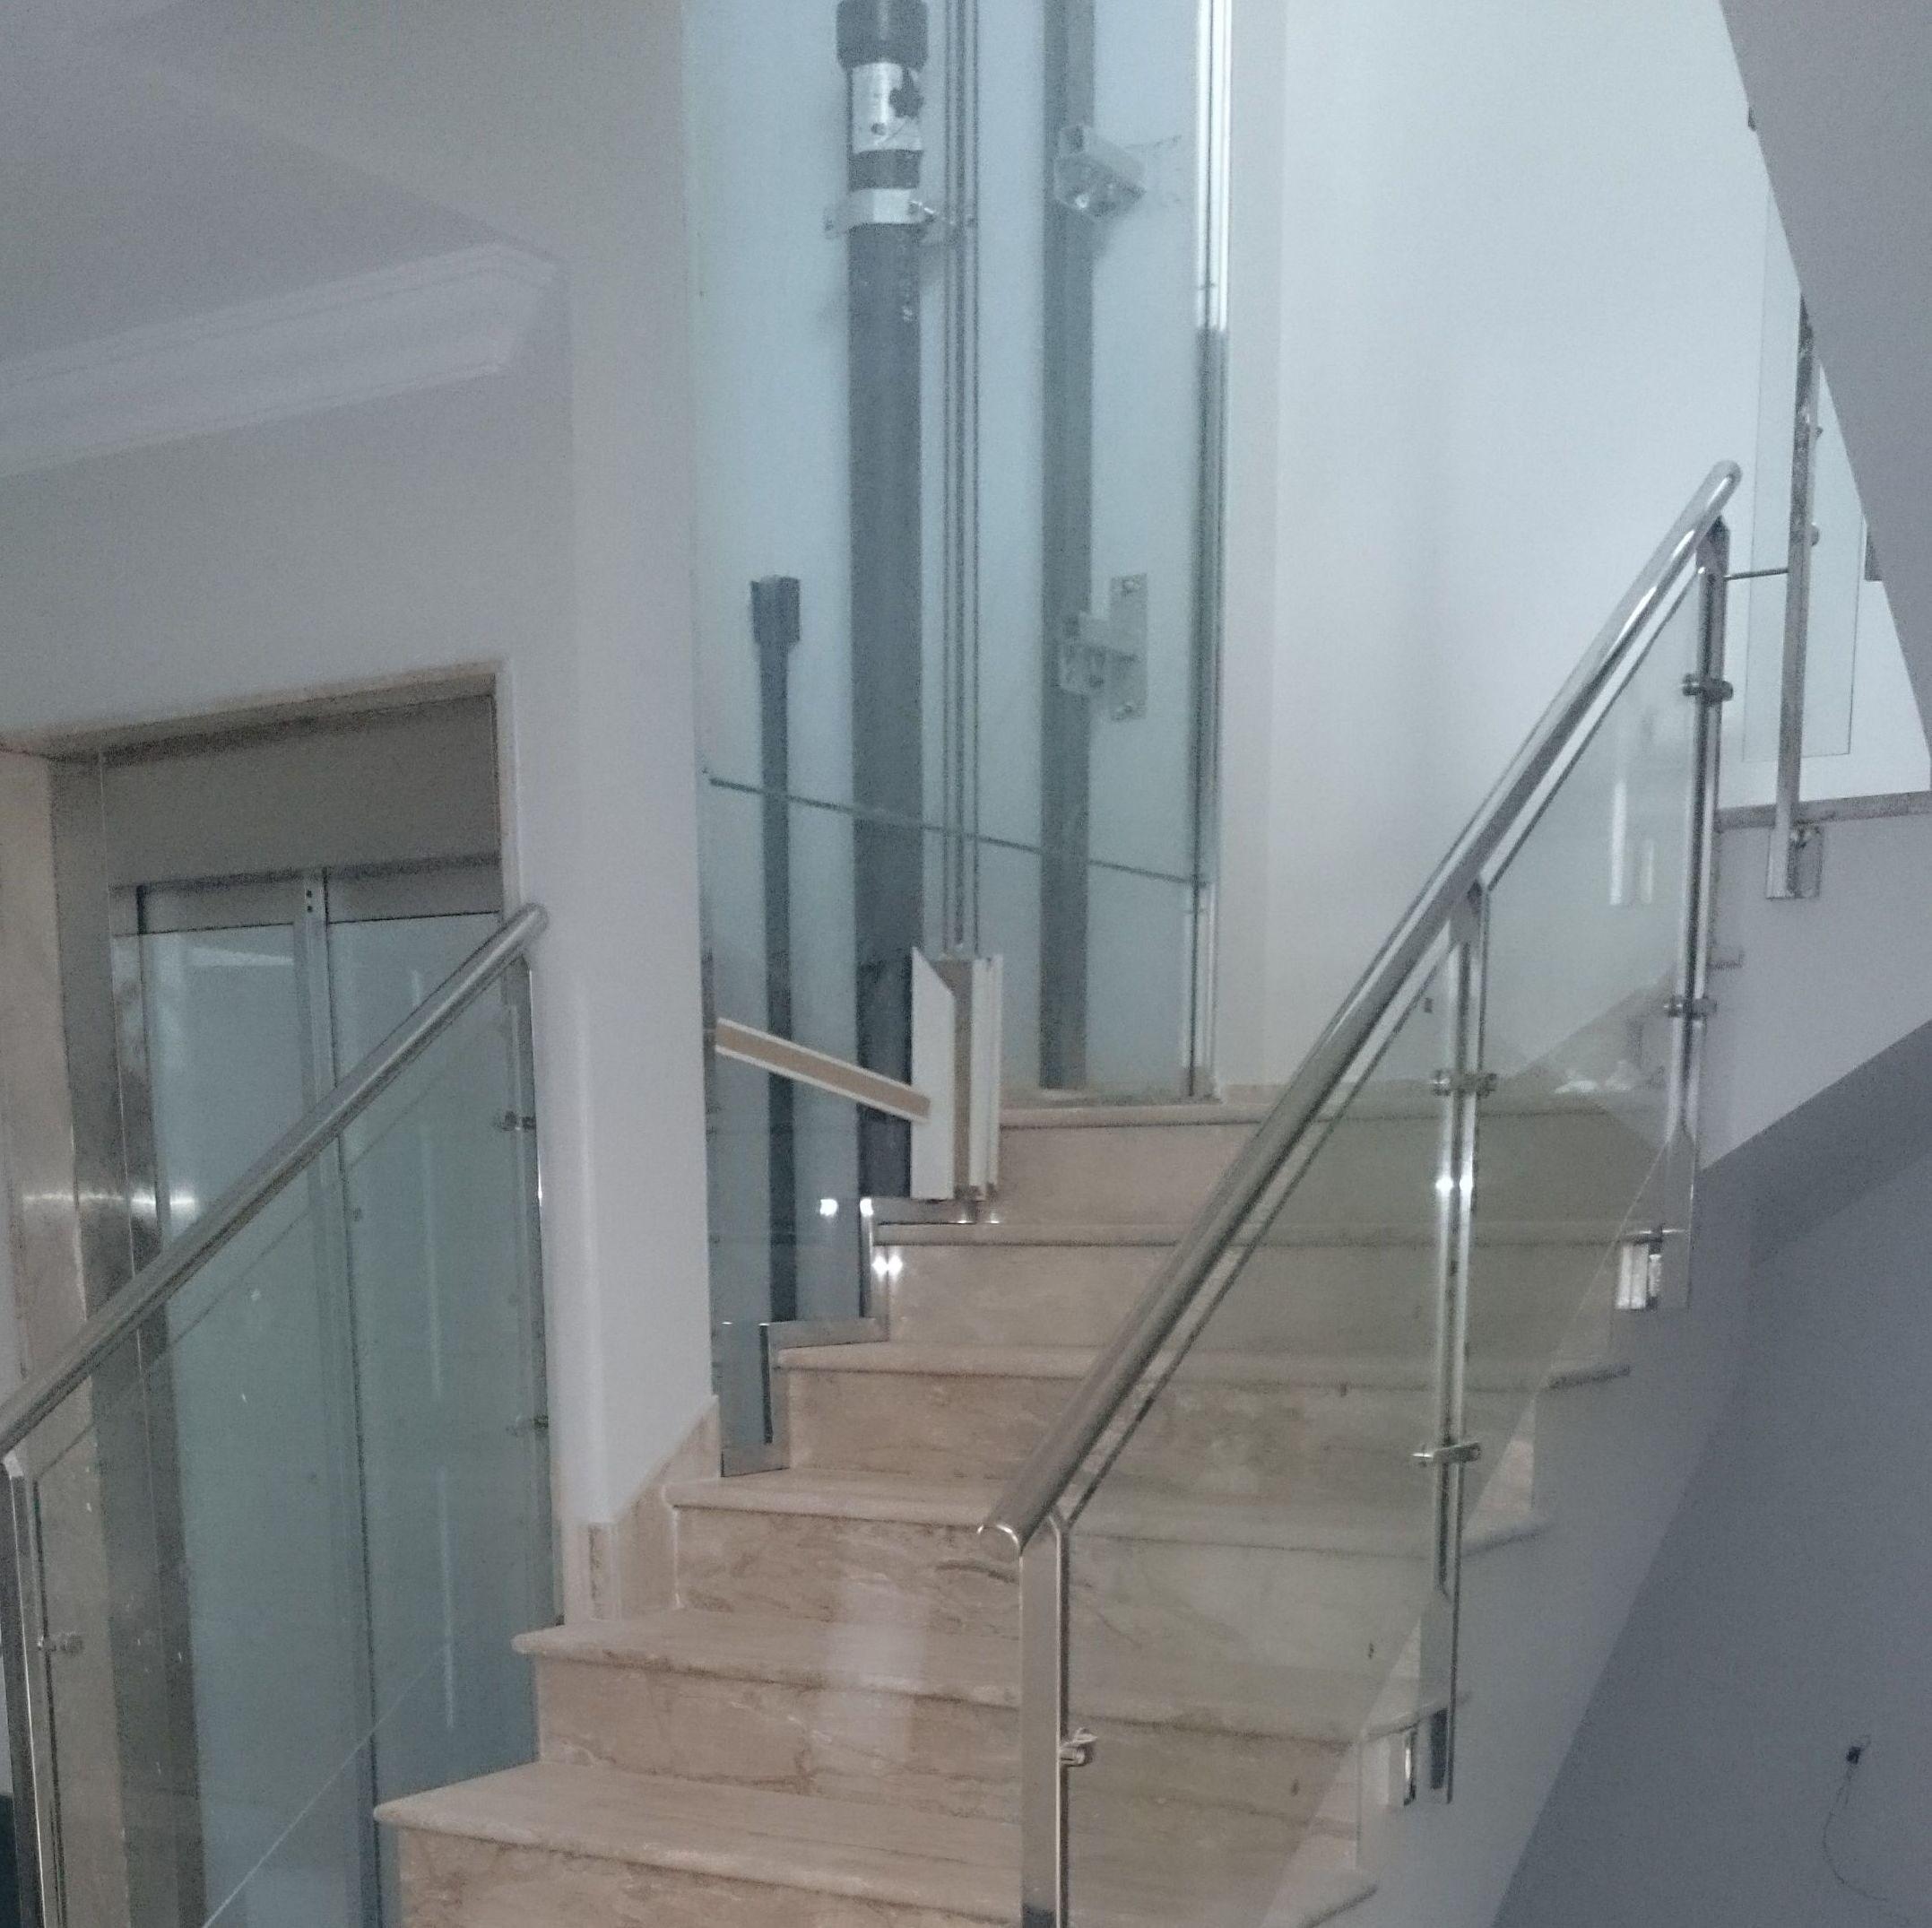 Foto 43 de Especialistas en diseños y proyectos en acero inoxidable en Alcalá de Guadaíra | Icminox